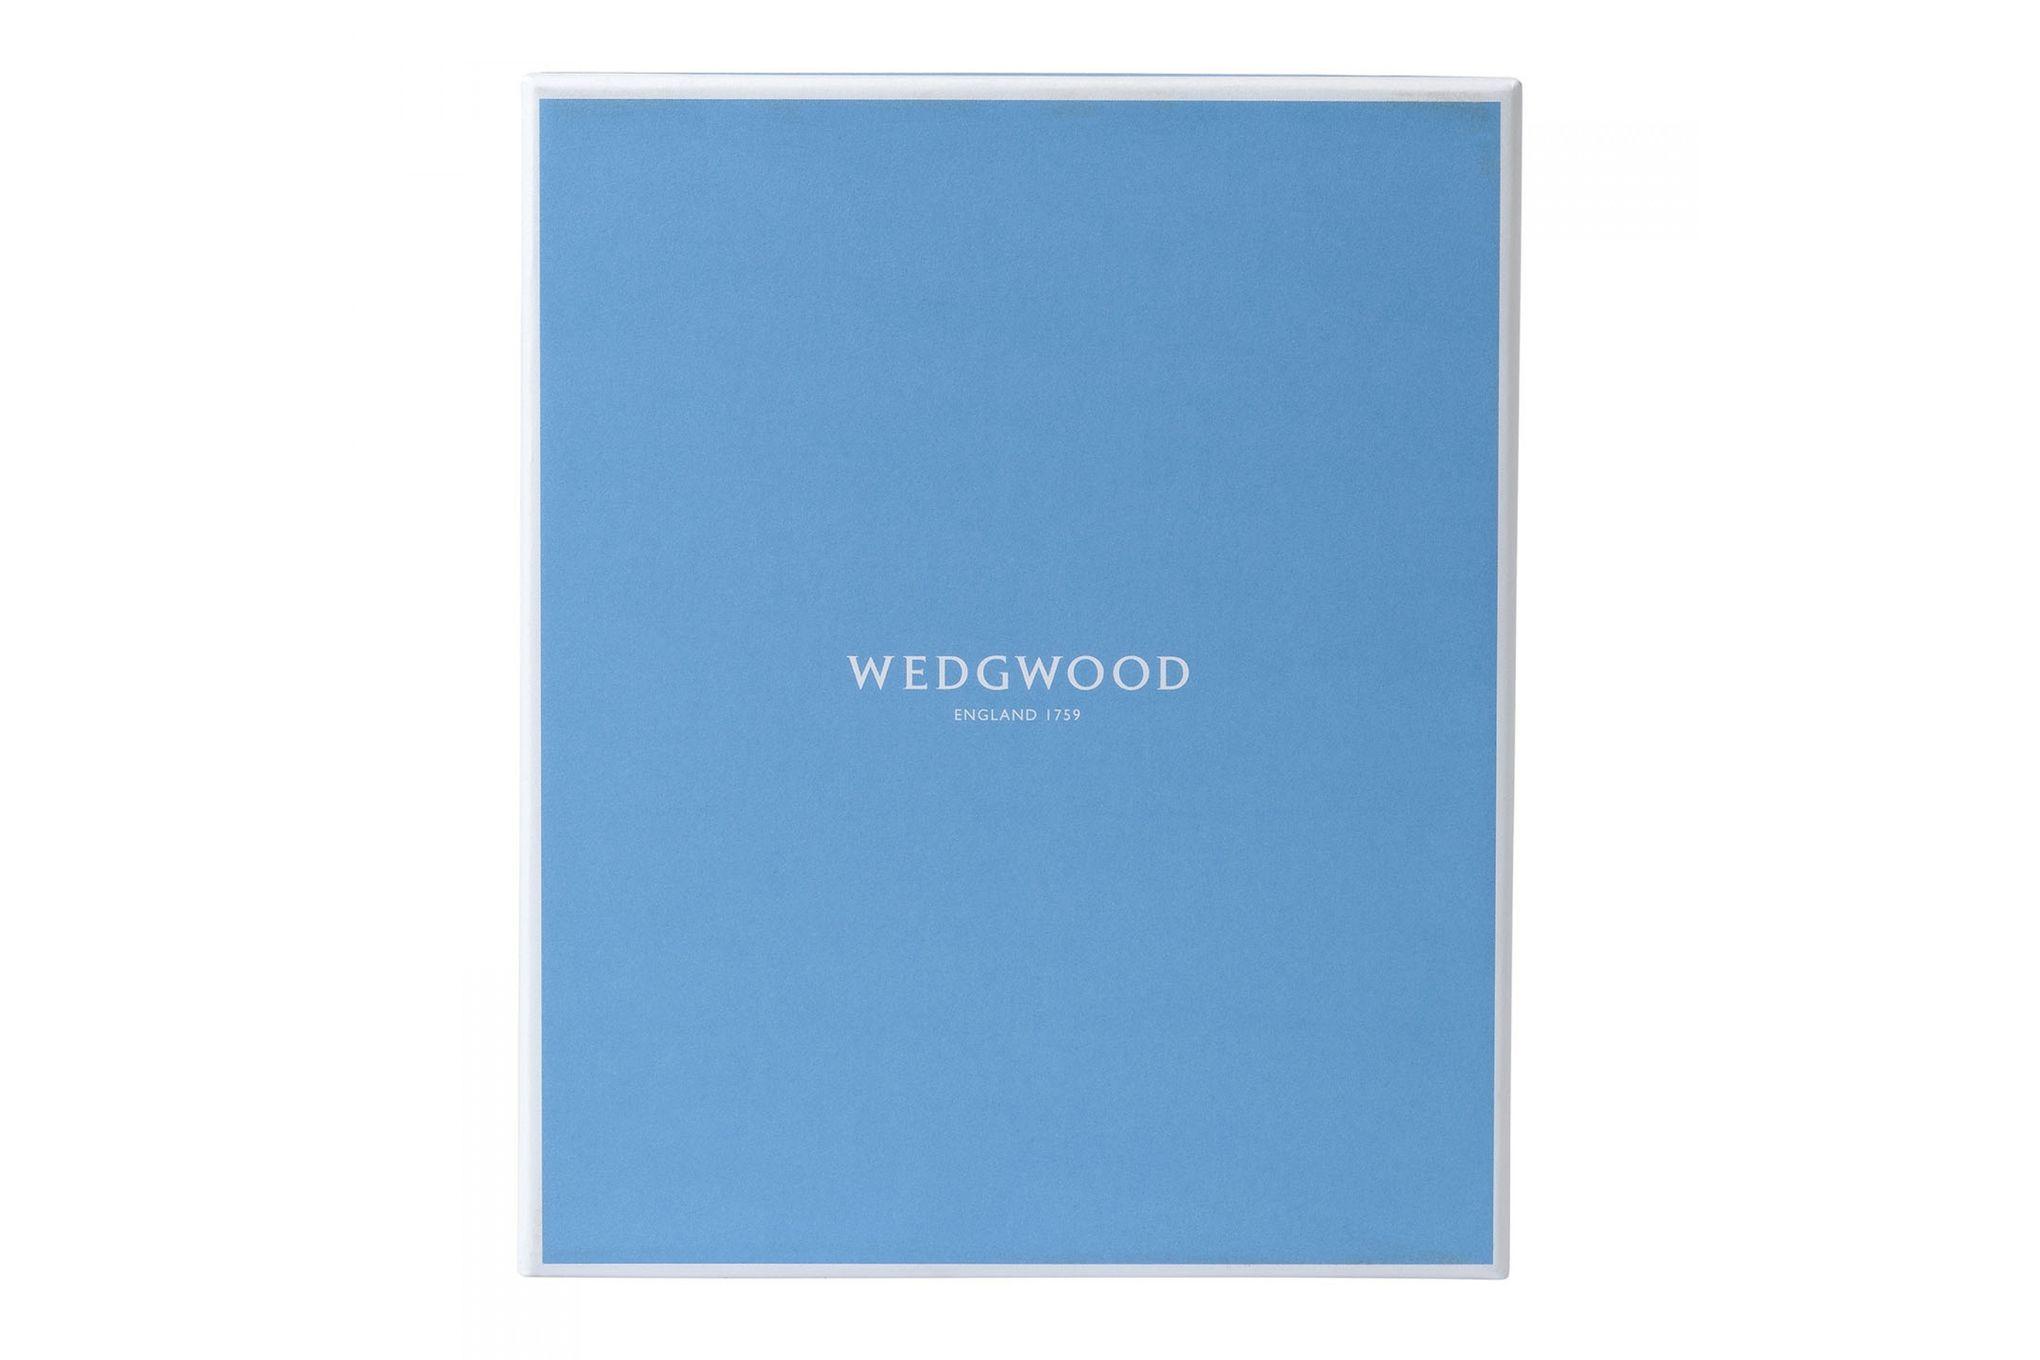 """Wedgwood Wonderlust Photo Frame Blue Pagoda - Boxed 4 x 6"""" thumb 2"""